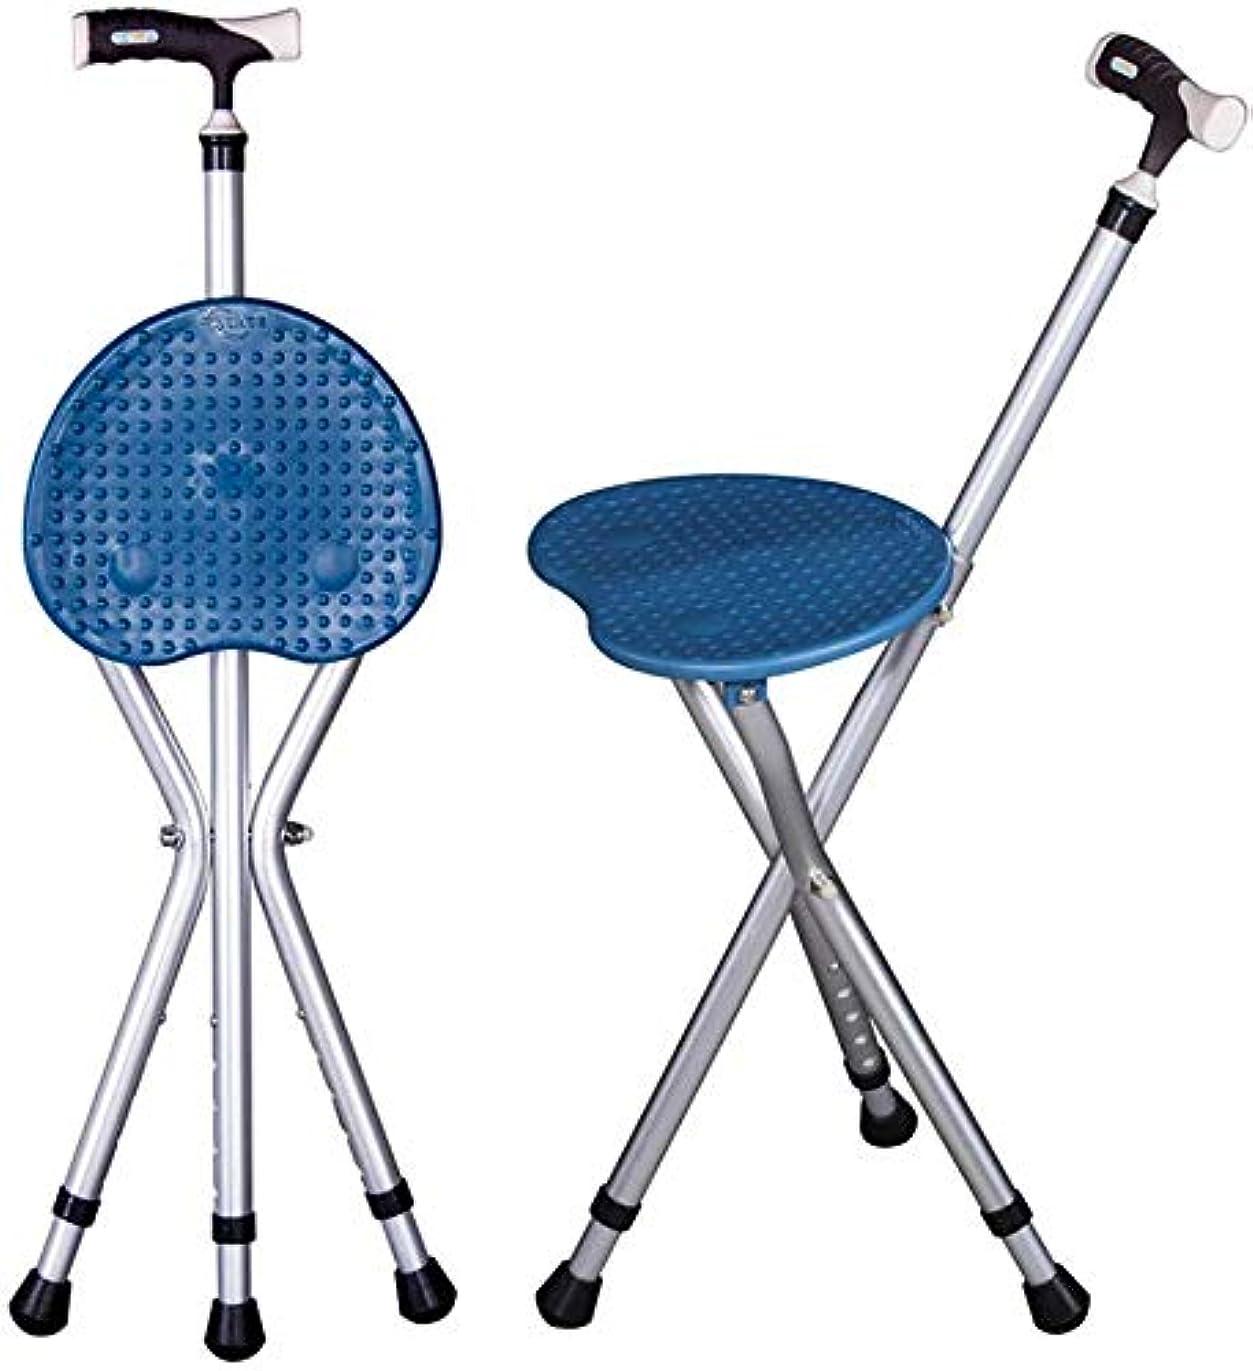 睡眠レンディション共和党折り畳み式シート杖アルミニウムスイッチスティック3脚シートスティック(ウォーキングスティックと椅子席)、ブルー